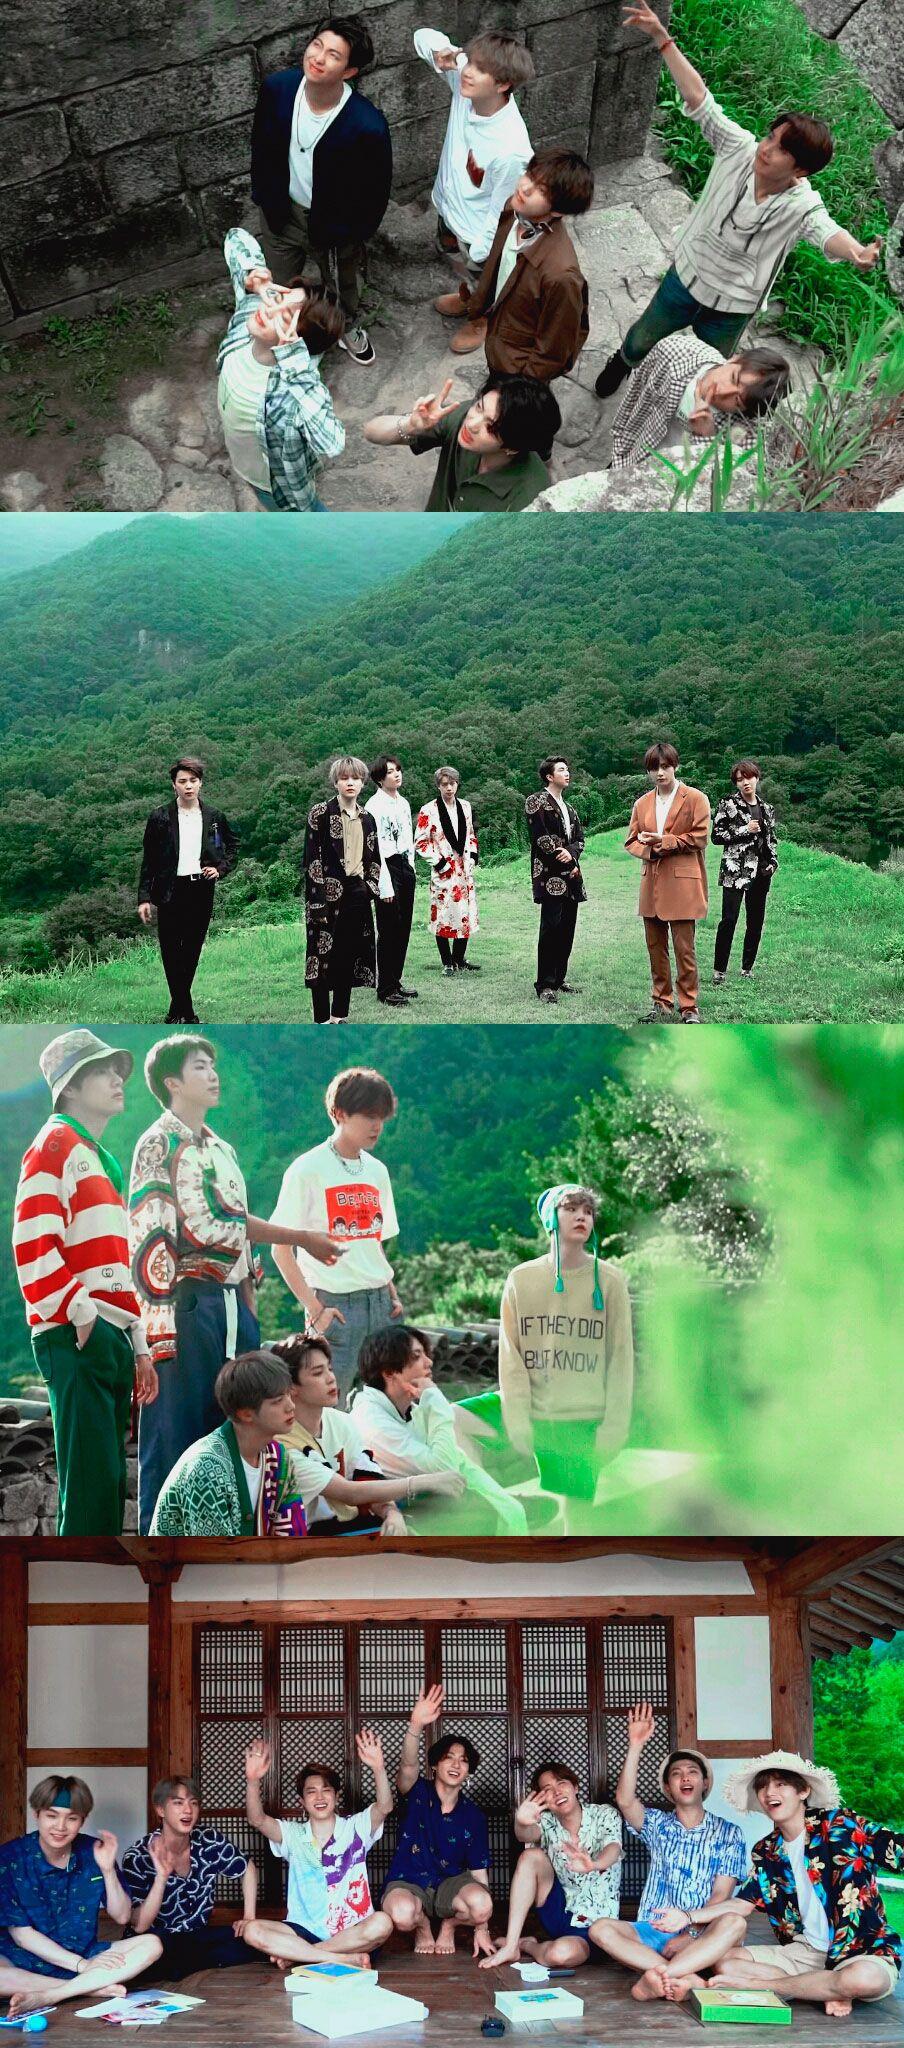 #BTS (#방탄소년단) 'BTS 2019 SUMMER PACKAGE in KOREA' PREVIEW SPOT #2